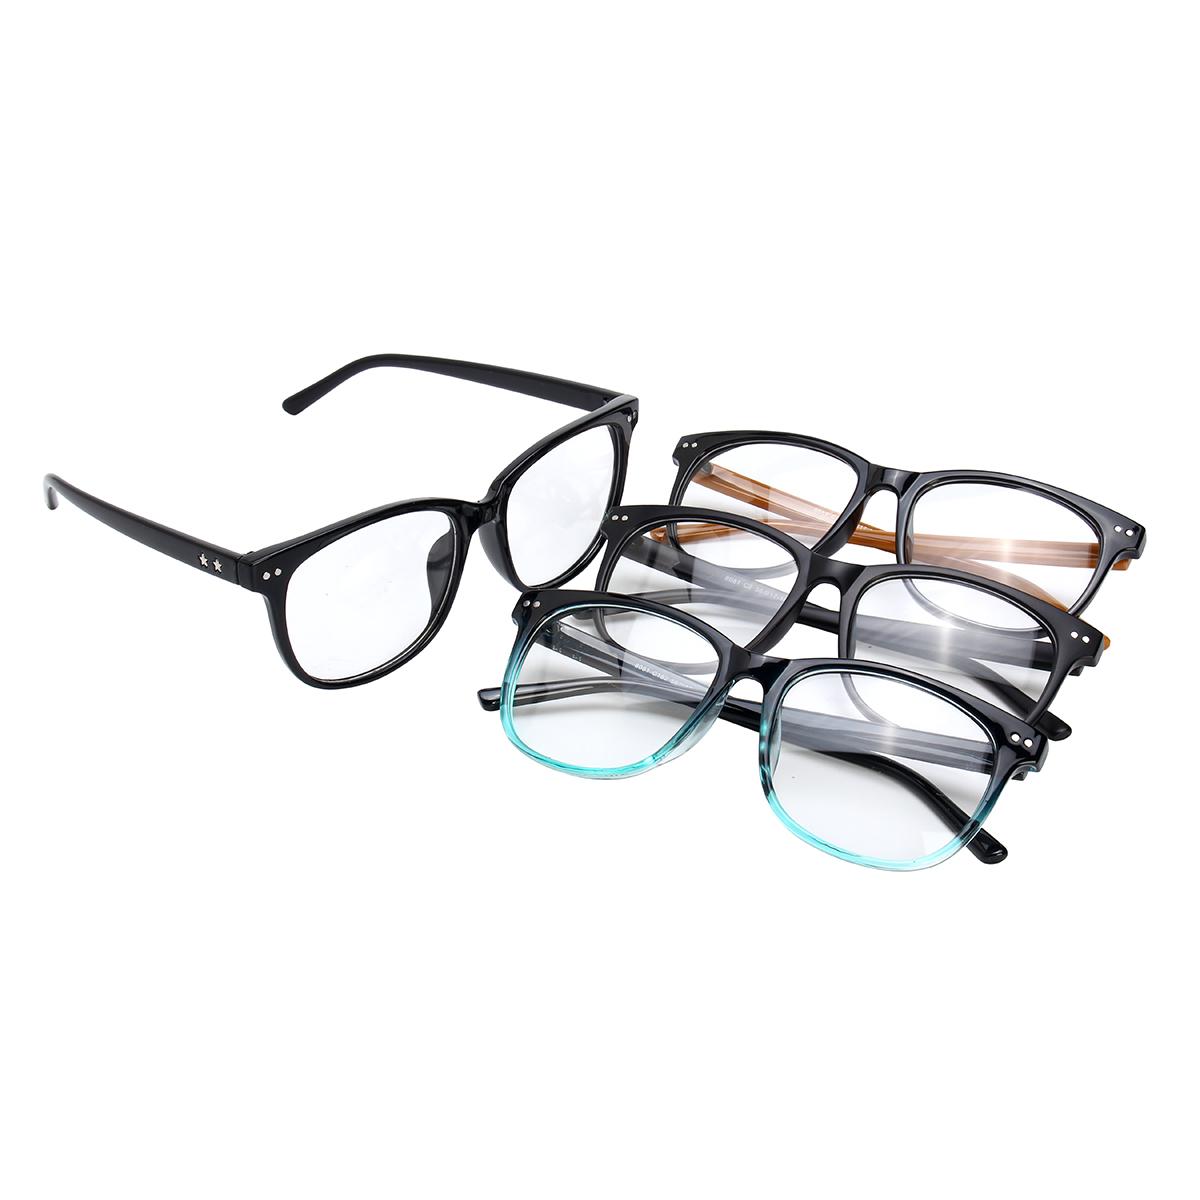 Fashion Spectacles Eyeglasses Full Rim Frames Men Women Optical Eyewear Glasses